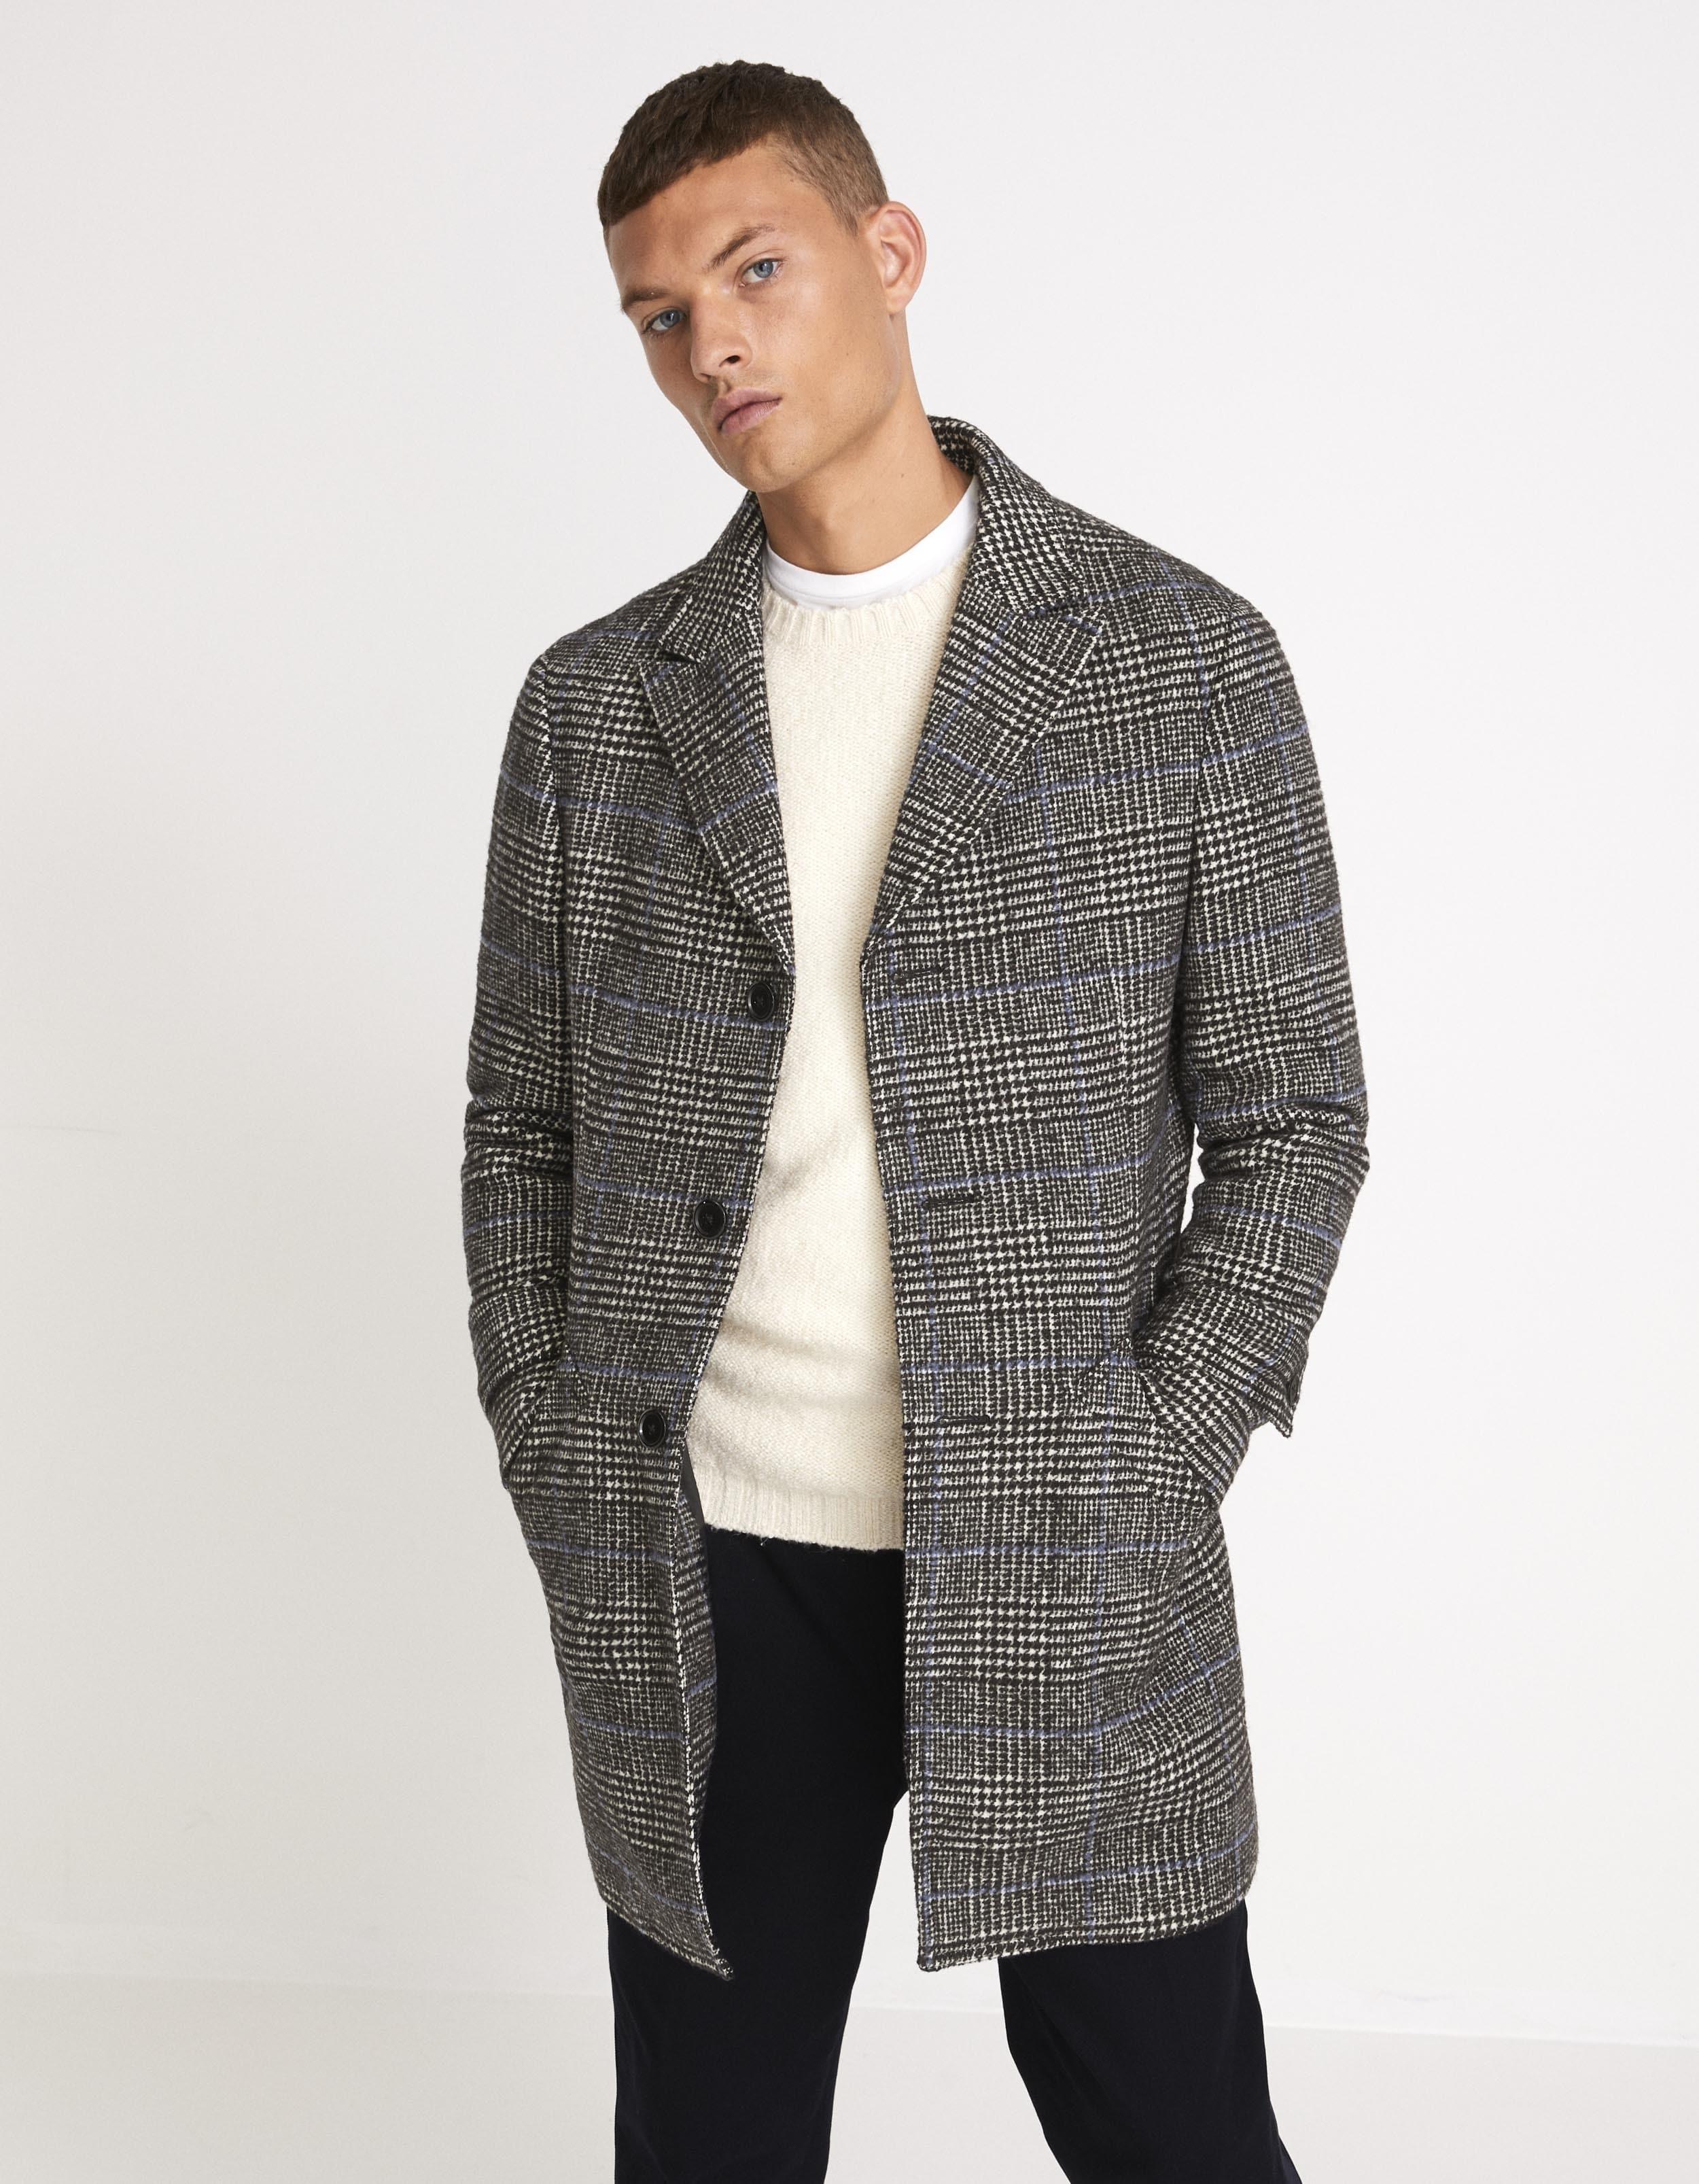 Manteau laine mélangé à carreaux – gris prix 179,90 €